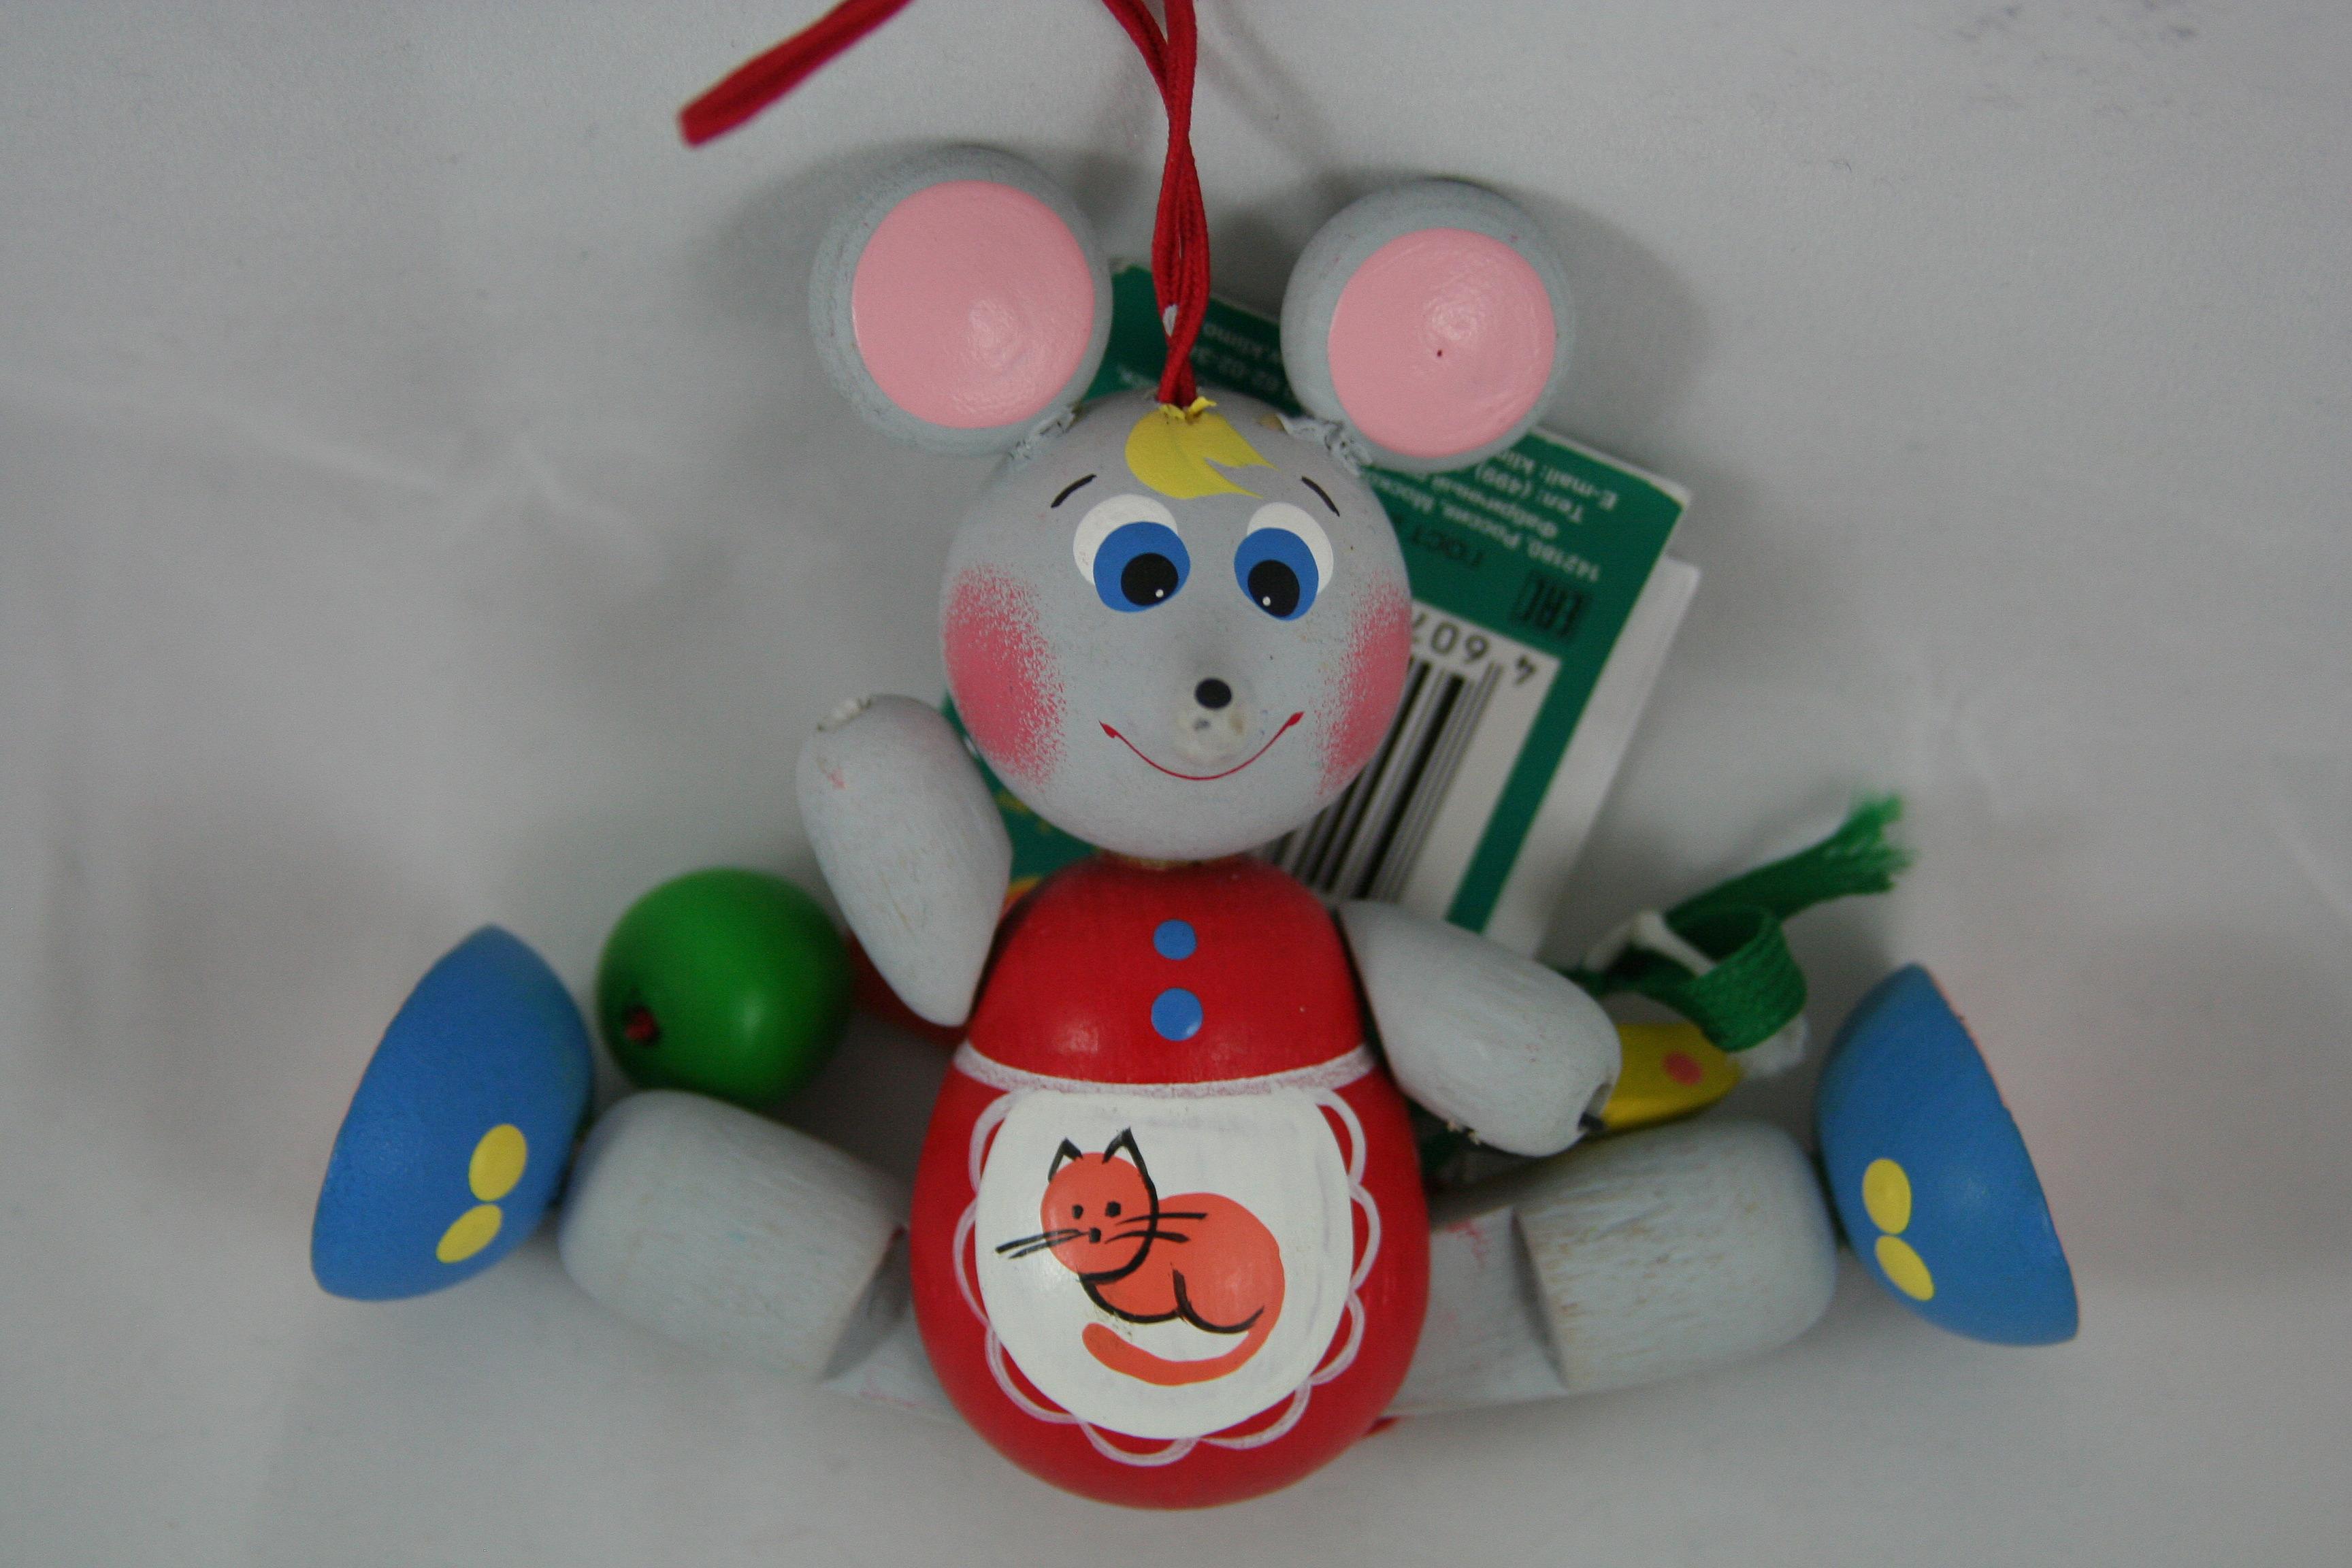 Самые оригинальные новогодние игрушки своими руками 2019